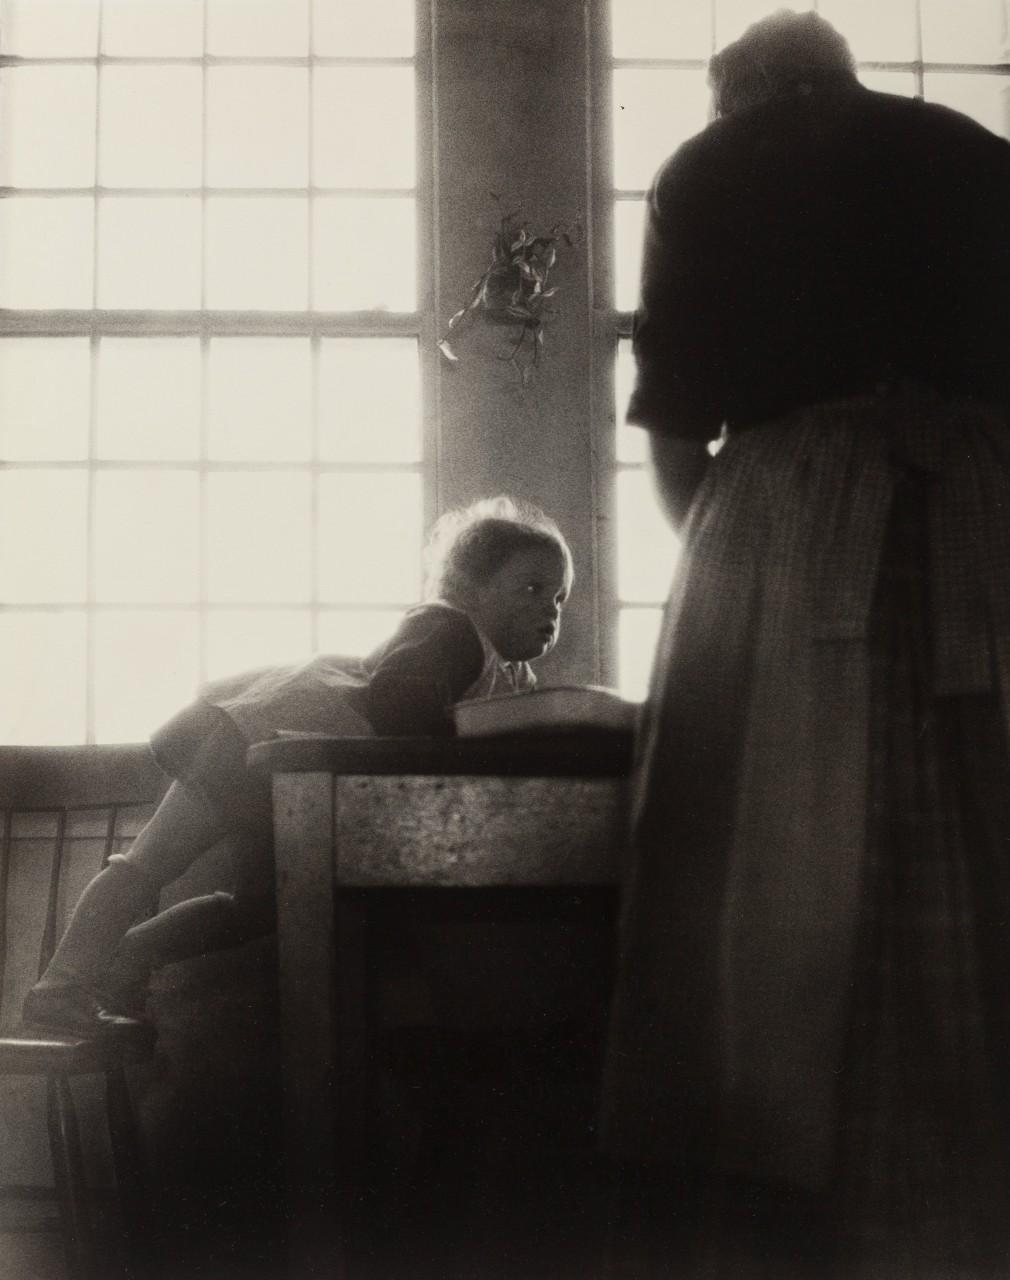 С мамой, 1940. Фотограф Нелл Дорр